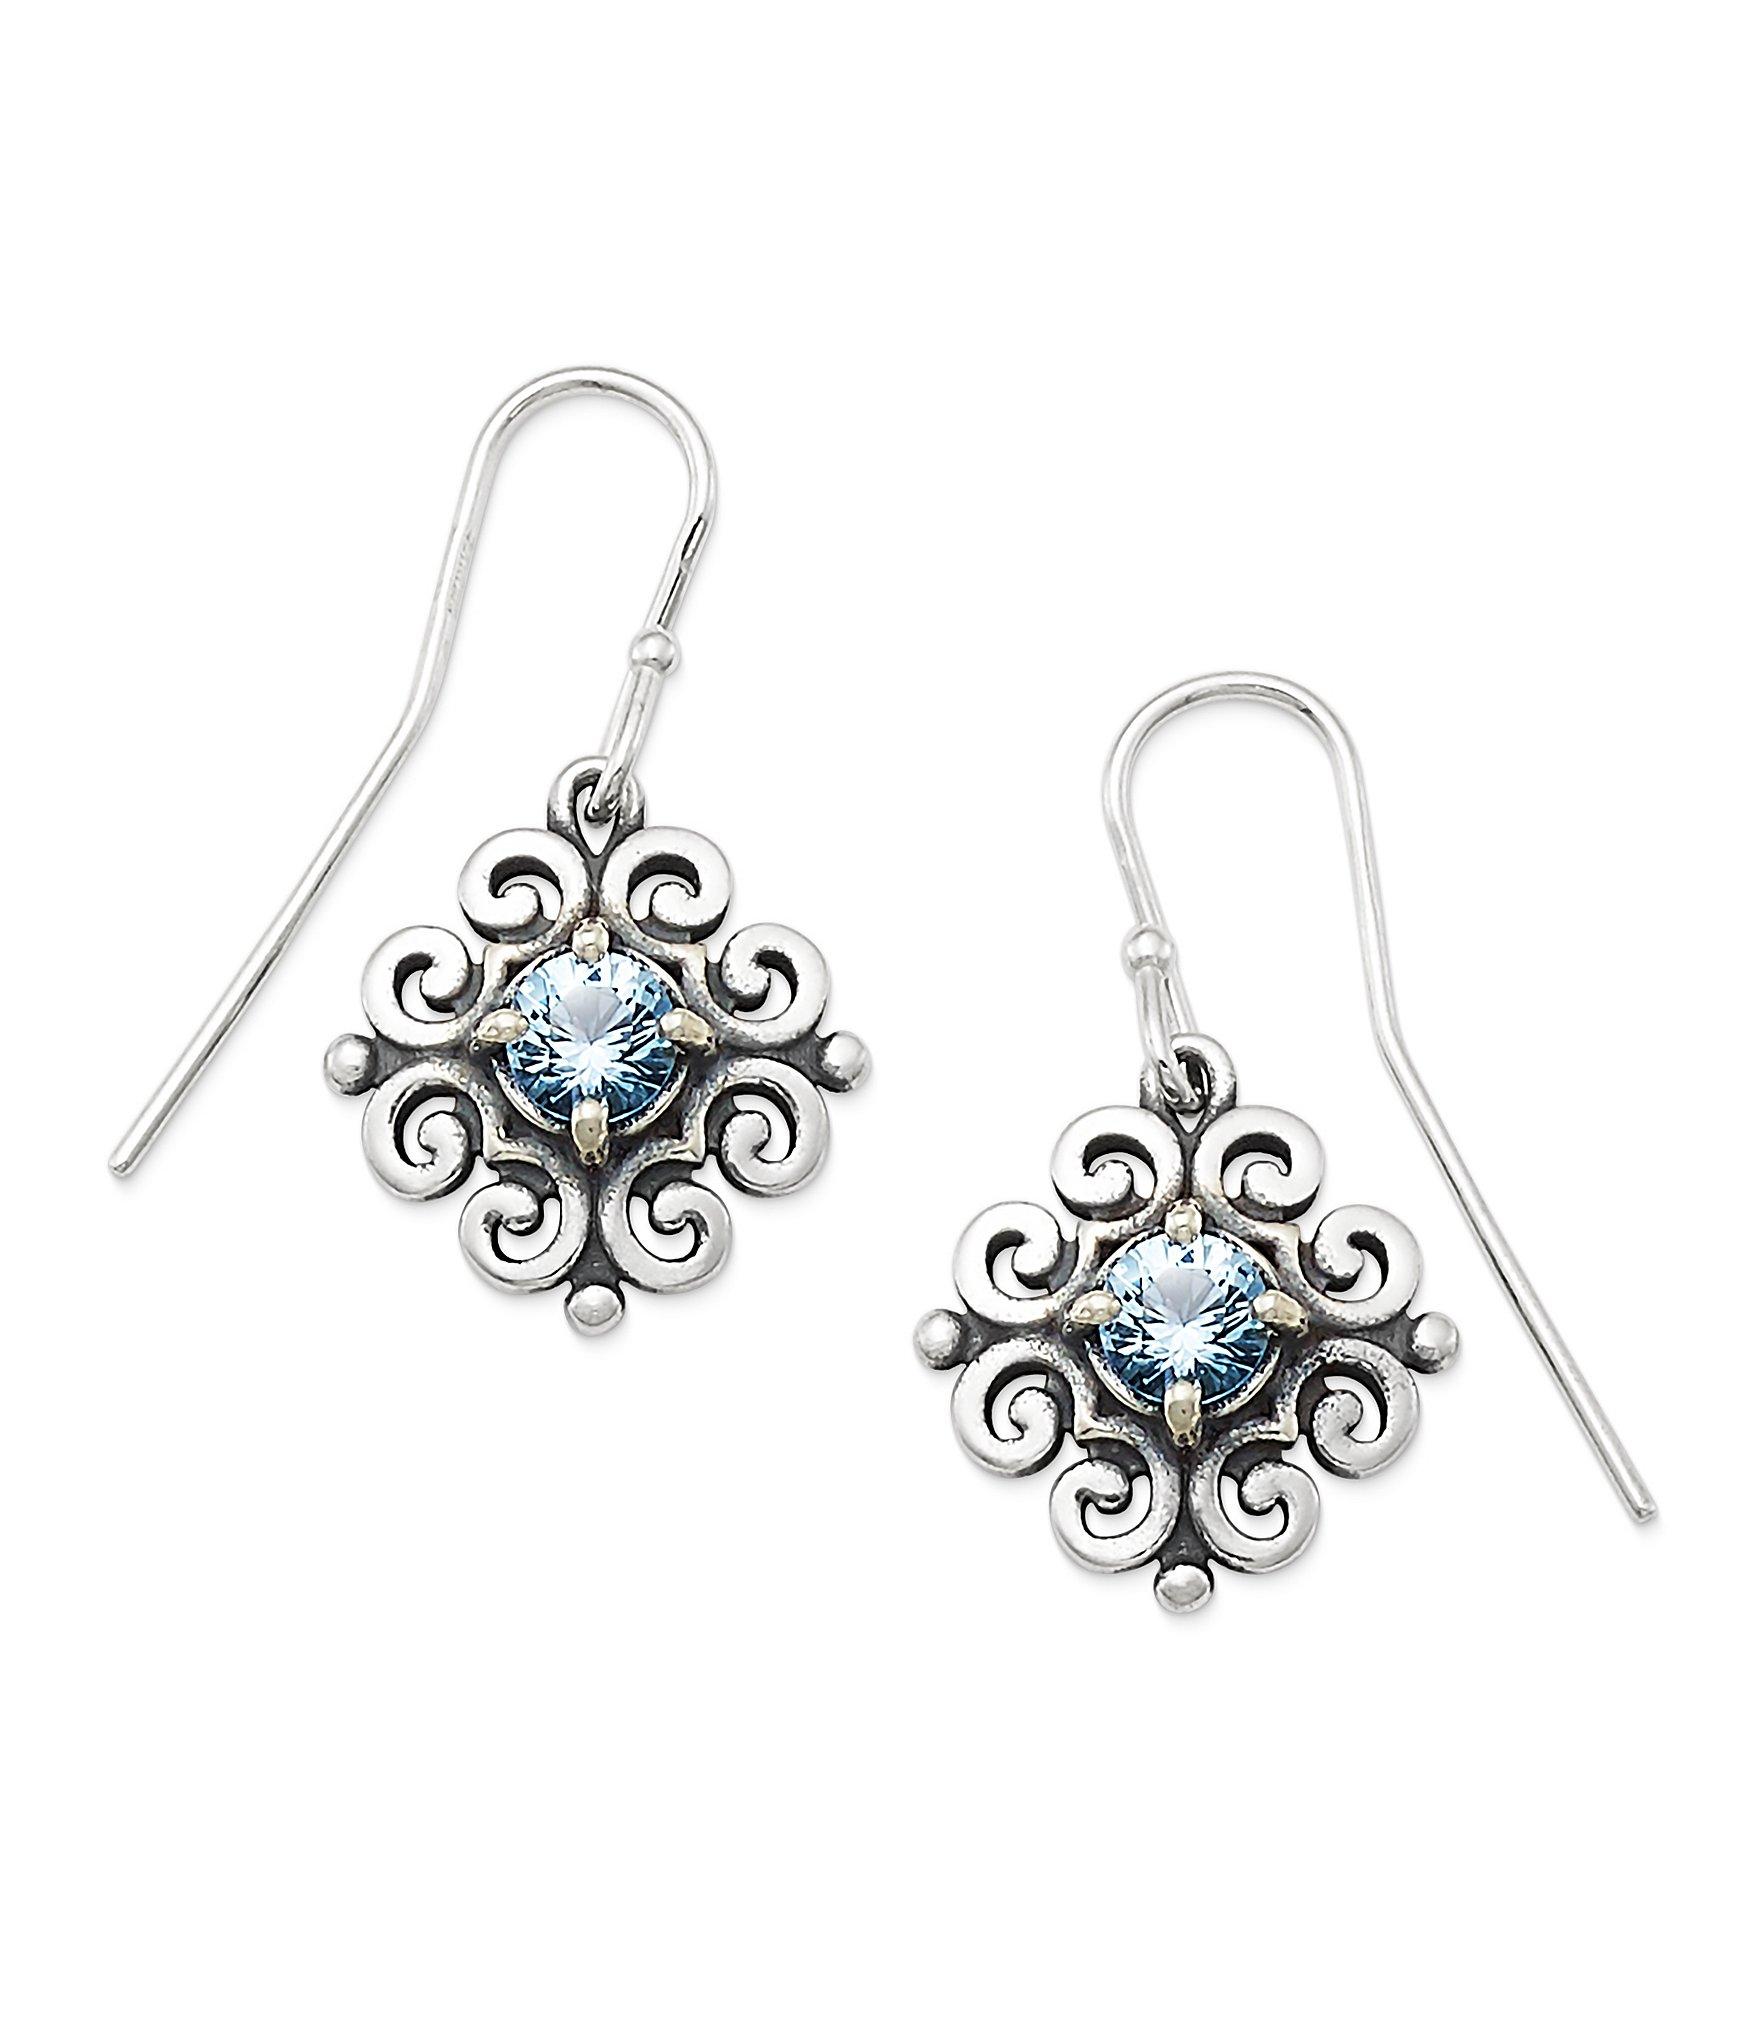 13a6f14e6 Women's Sterling Silver Jewelry | Dillard's